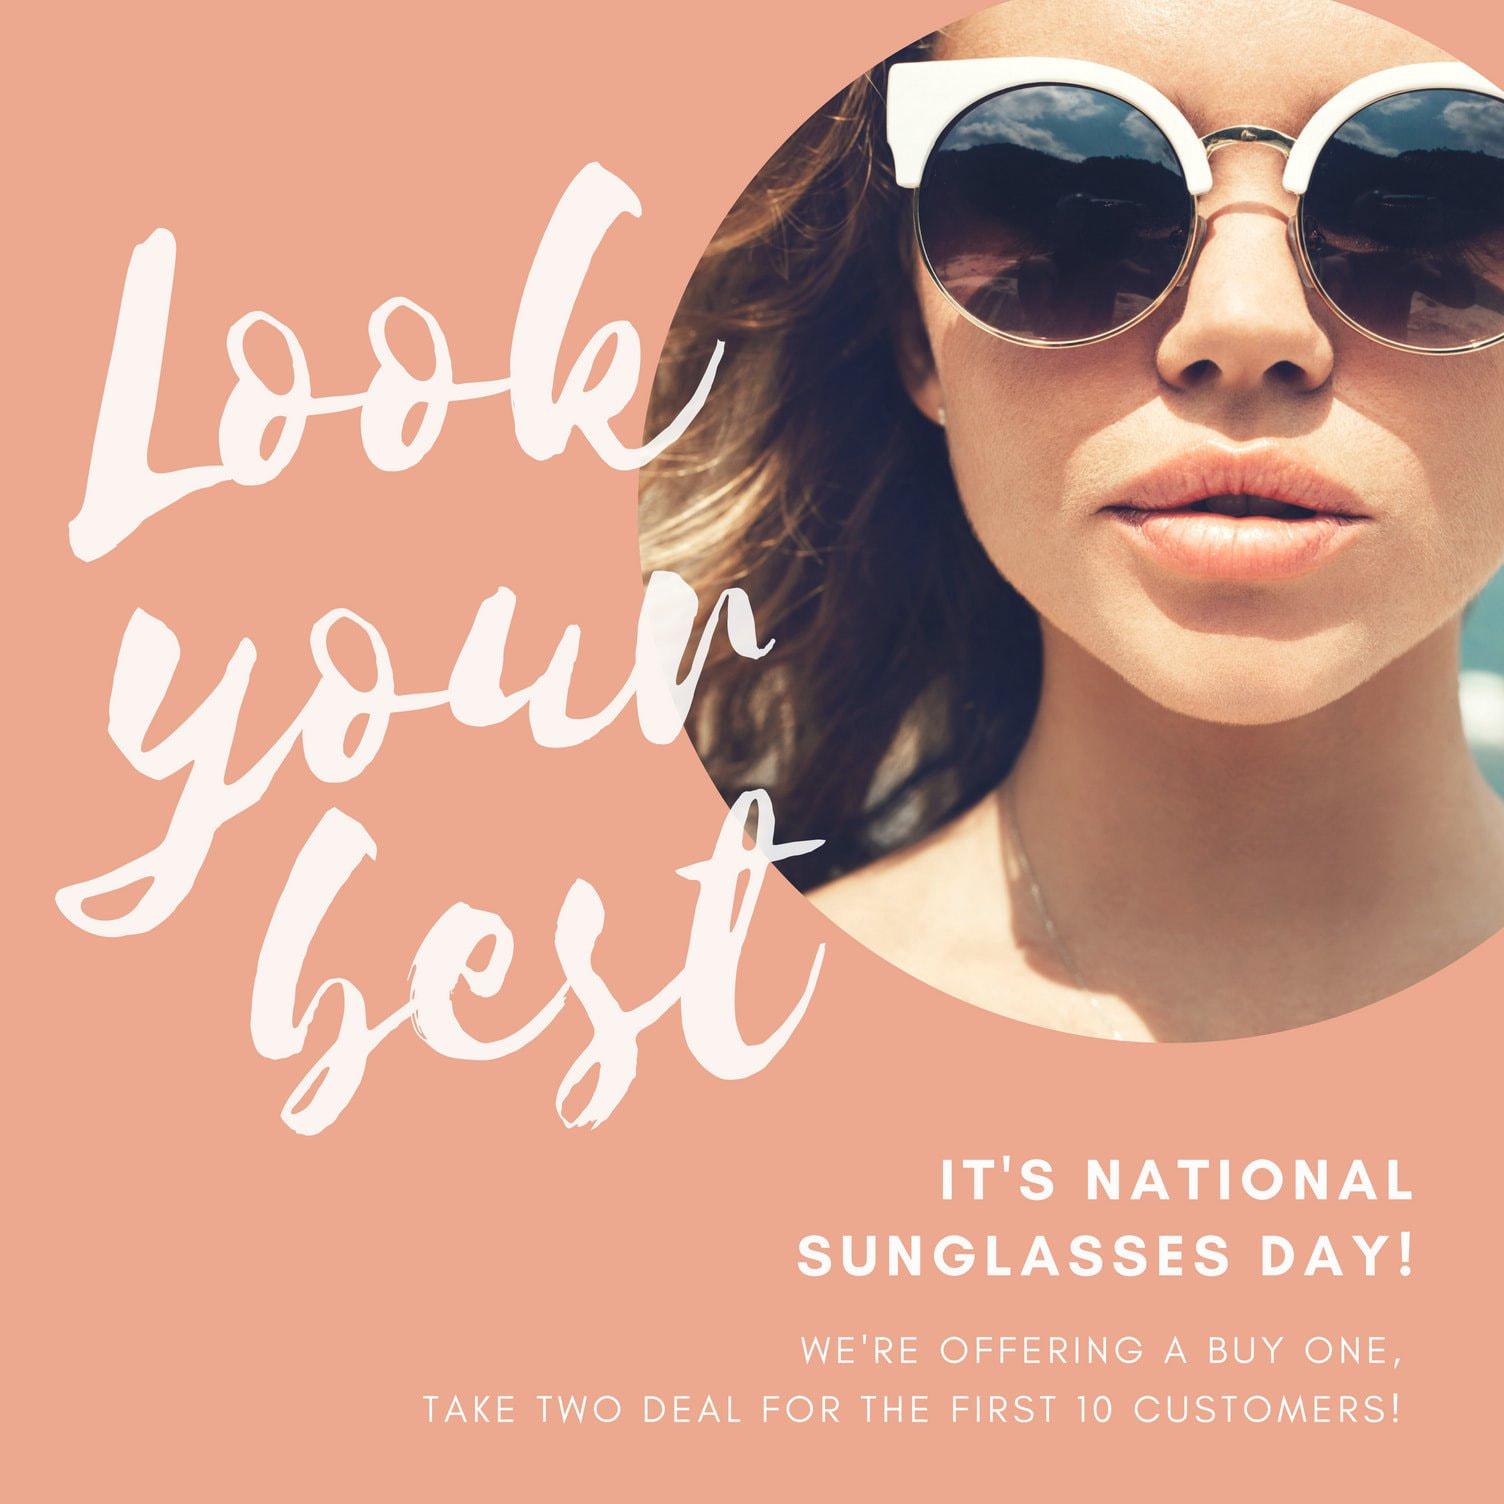 Peach Script Sunglasses Day Social Media Graphic